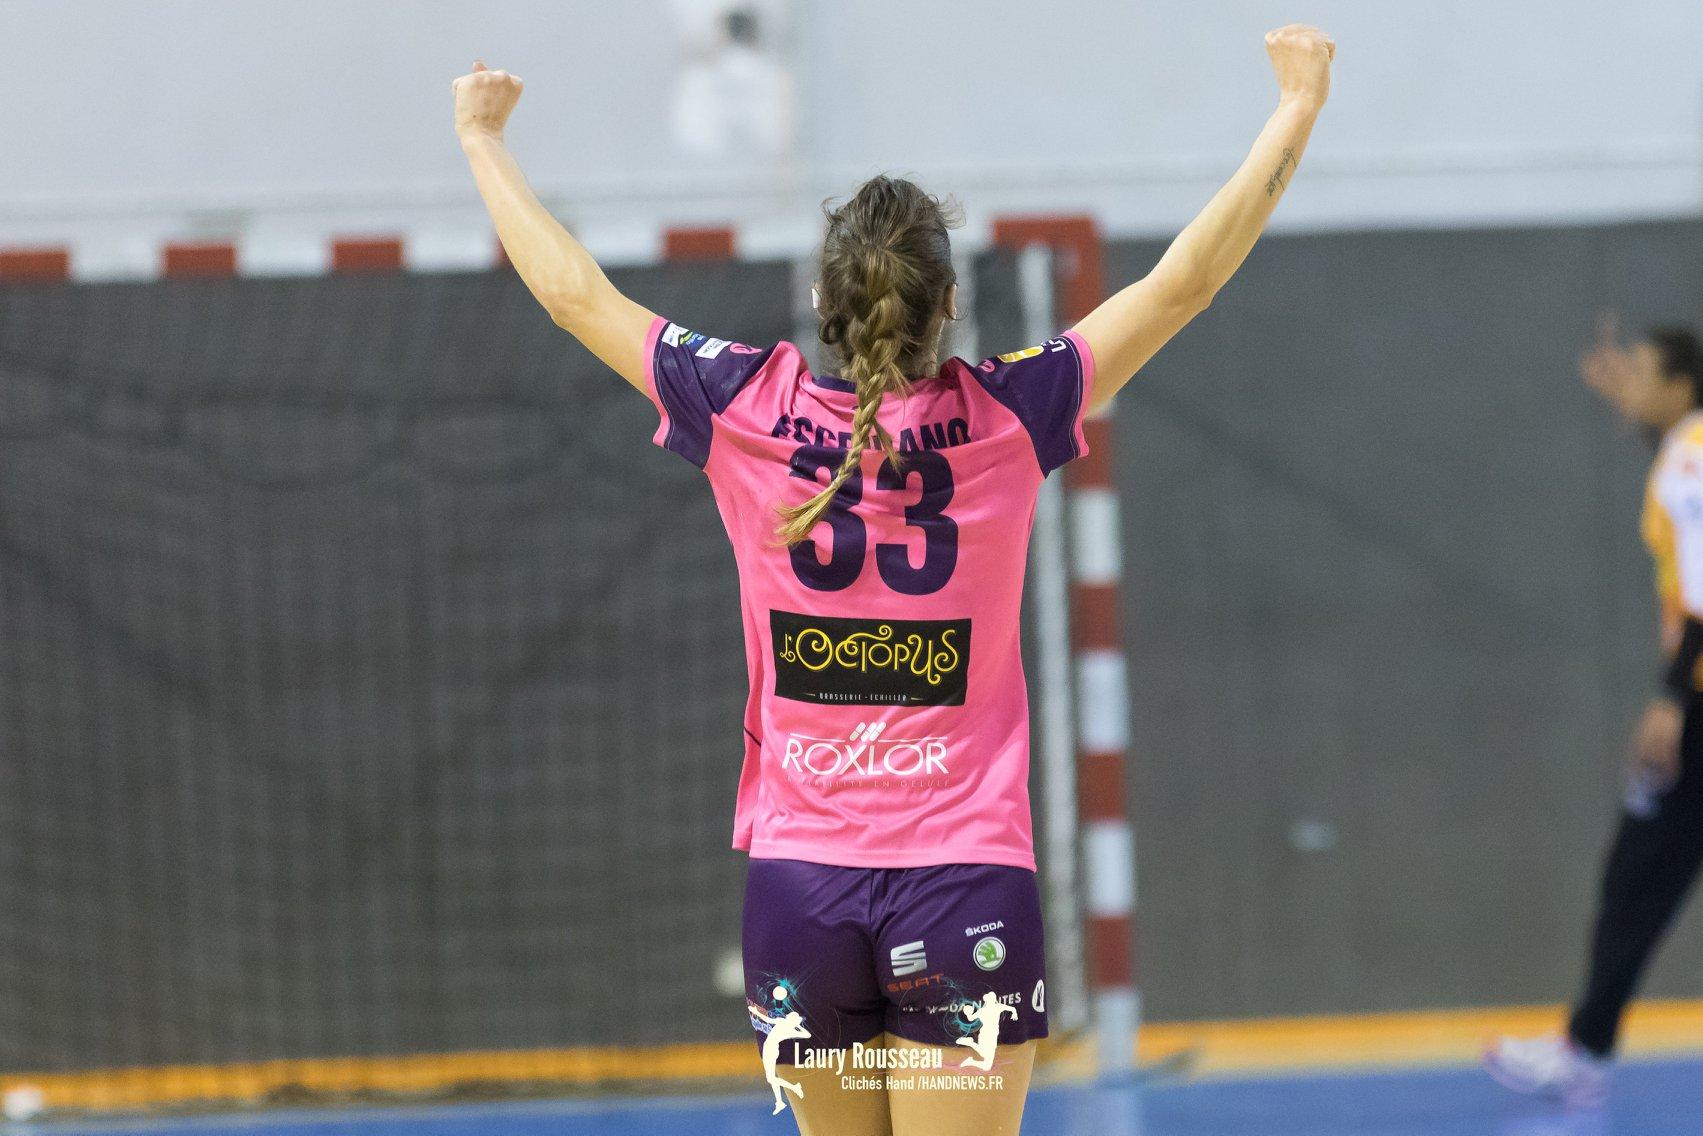 nantes loires atlantiques handball candidature